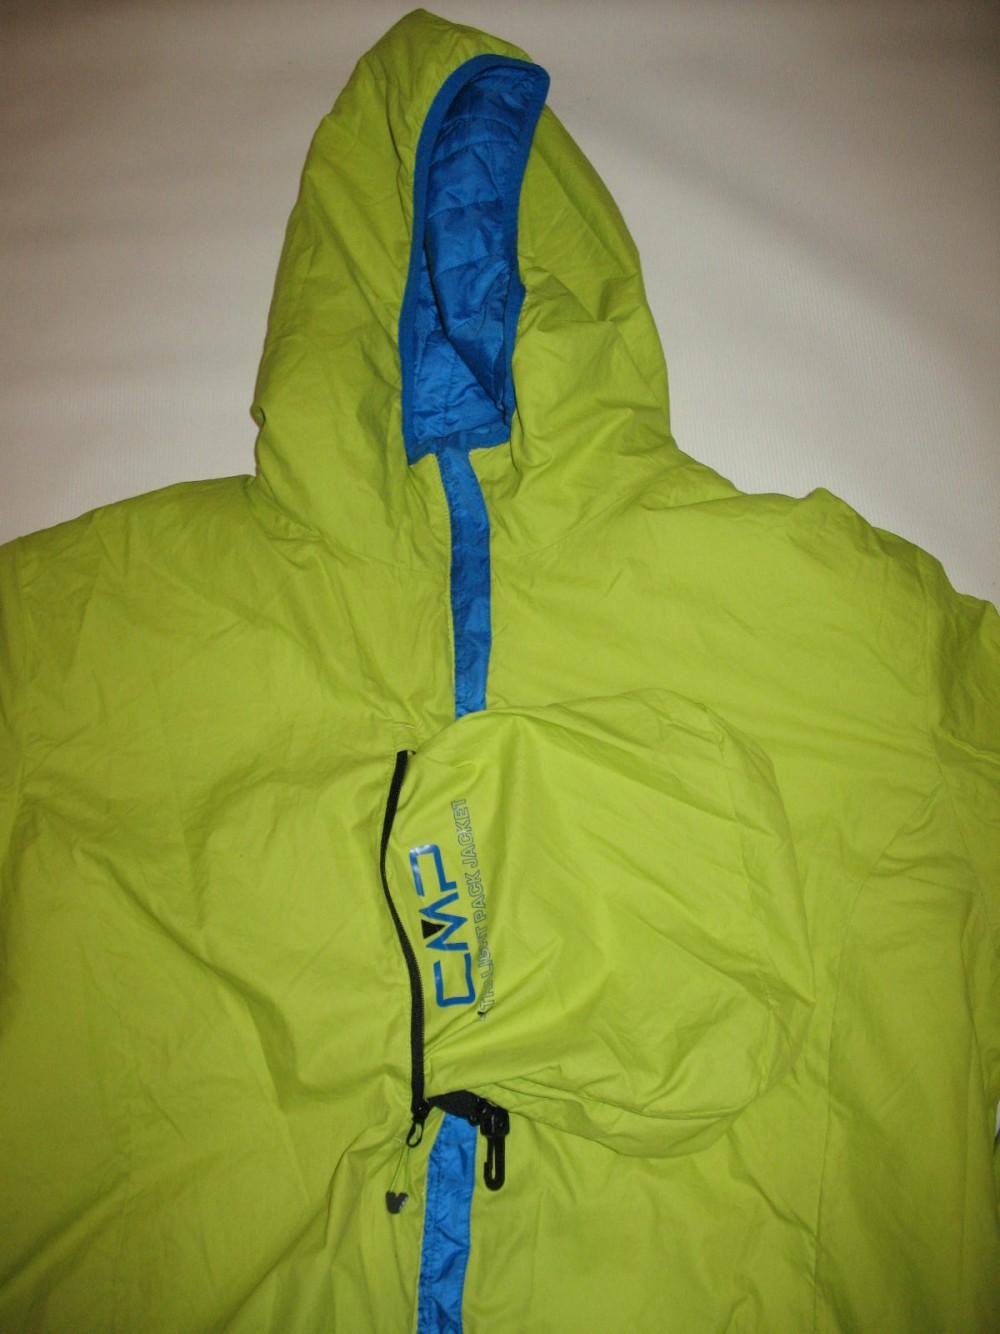 Куртка CMP extralight pack jacket (размер 54/XL) - 6